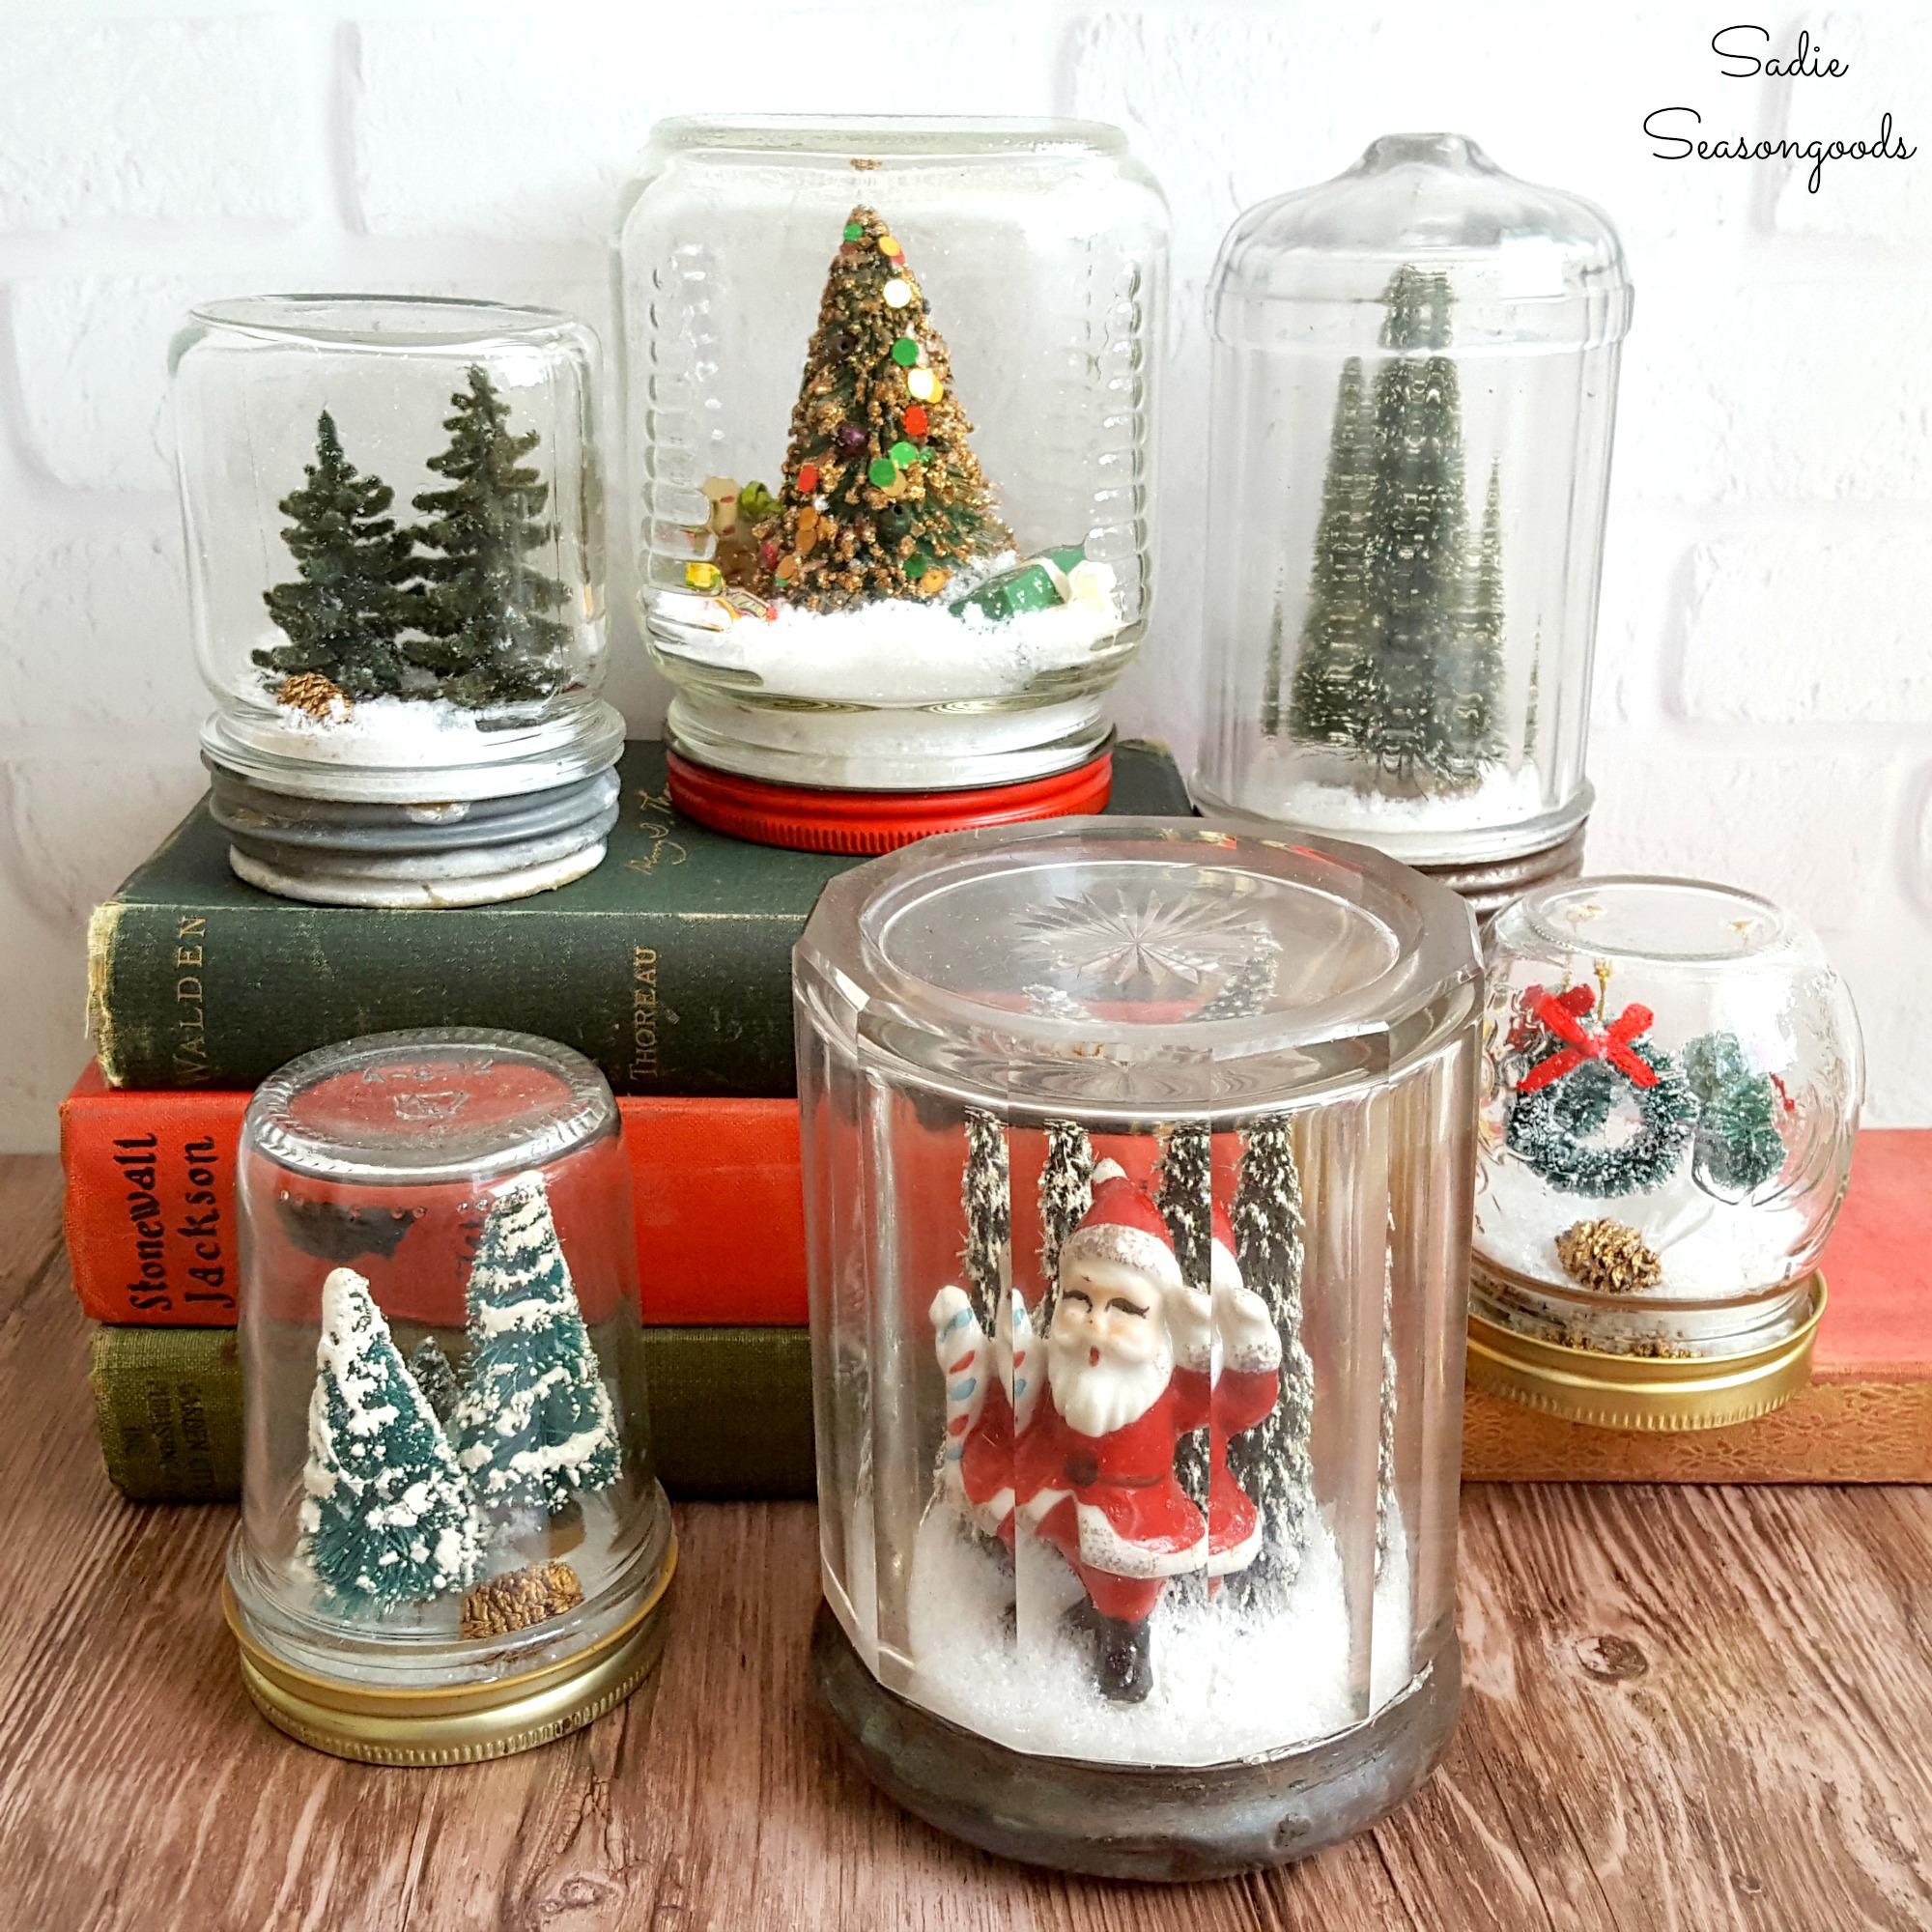 DIY_Waterless_Christmas_snowglobes_using_vintage_mason_jars_and_bottle_brush_trees_by_Sadie_Seasongoods